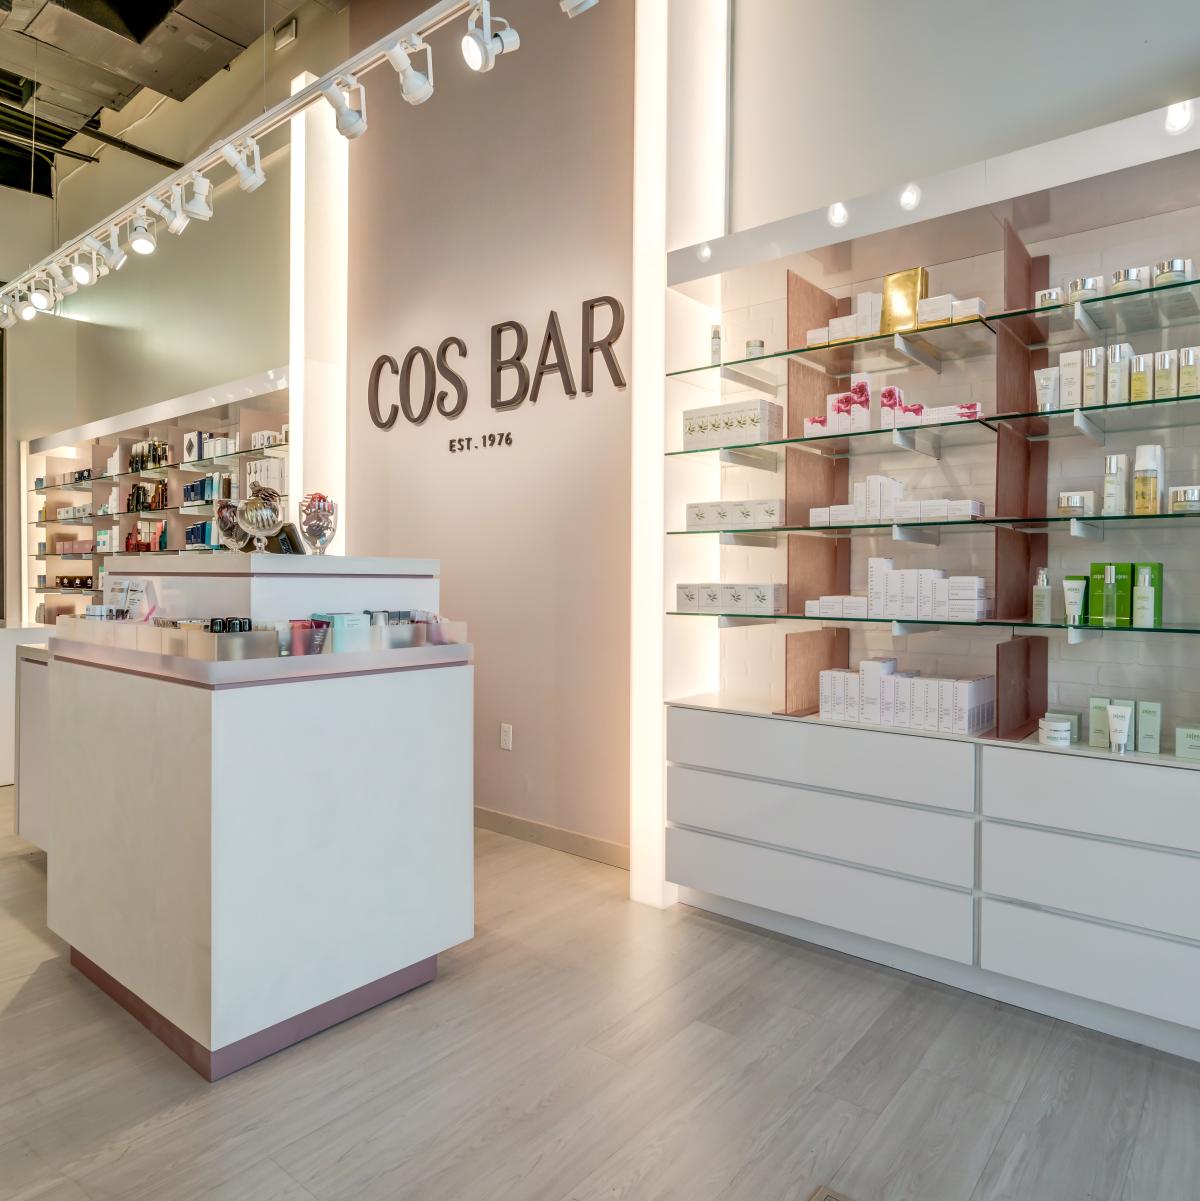 Cos Bar